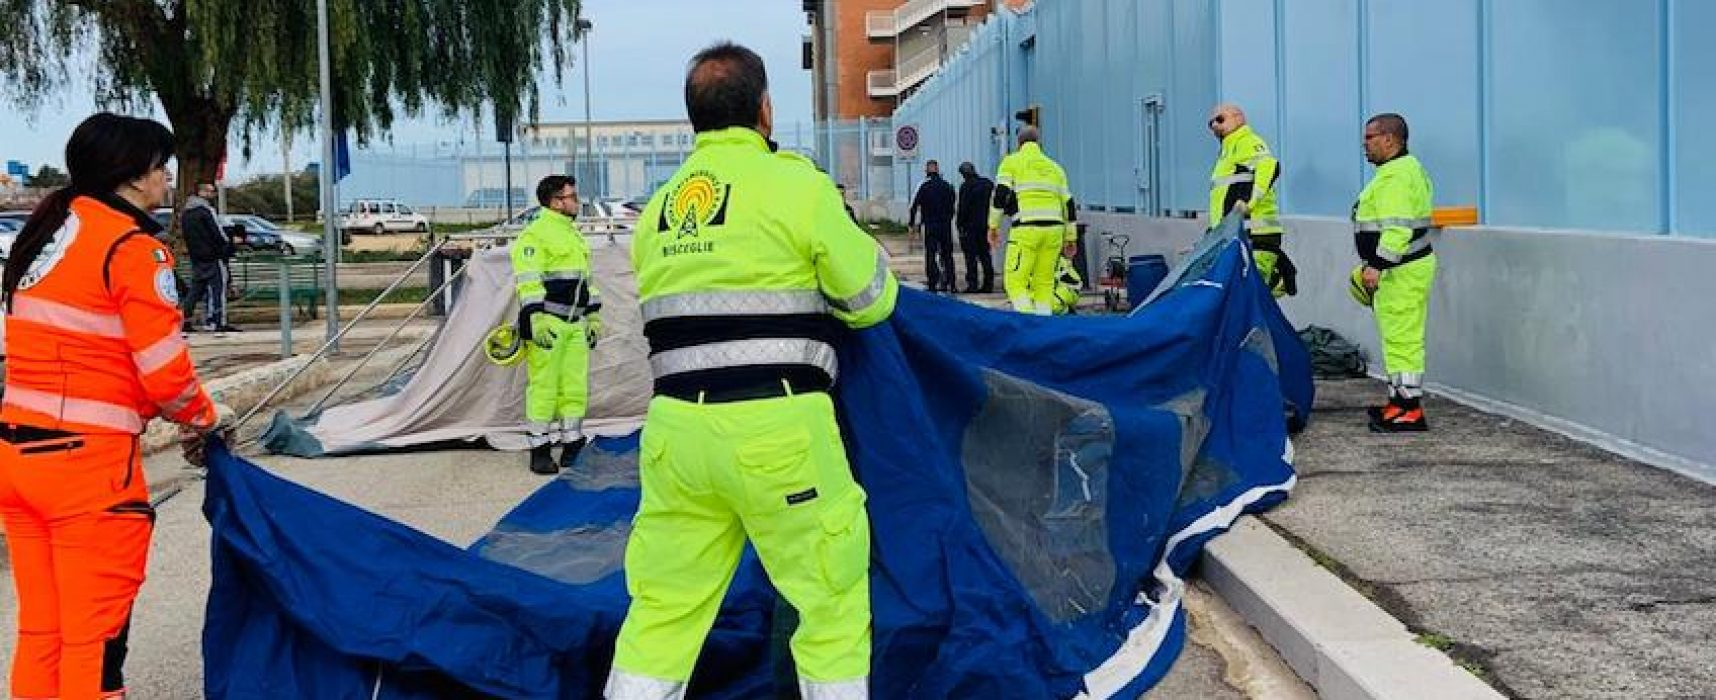 Oer di Bisceglie impegnati in allestimento tende pre-triage davanti al carcere di Trani / FOTO